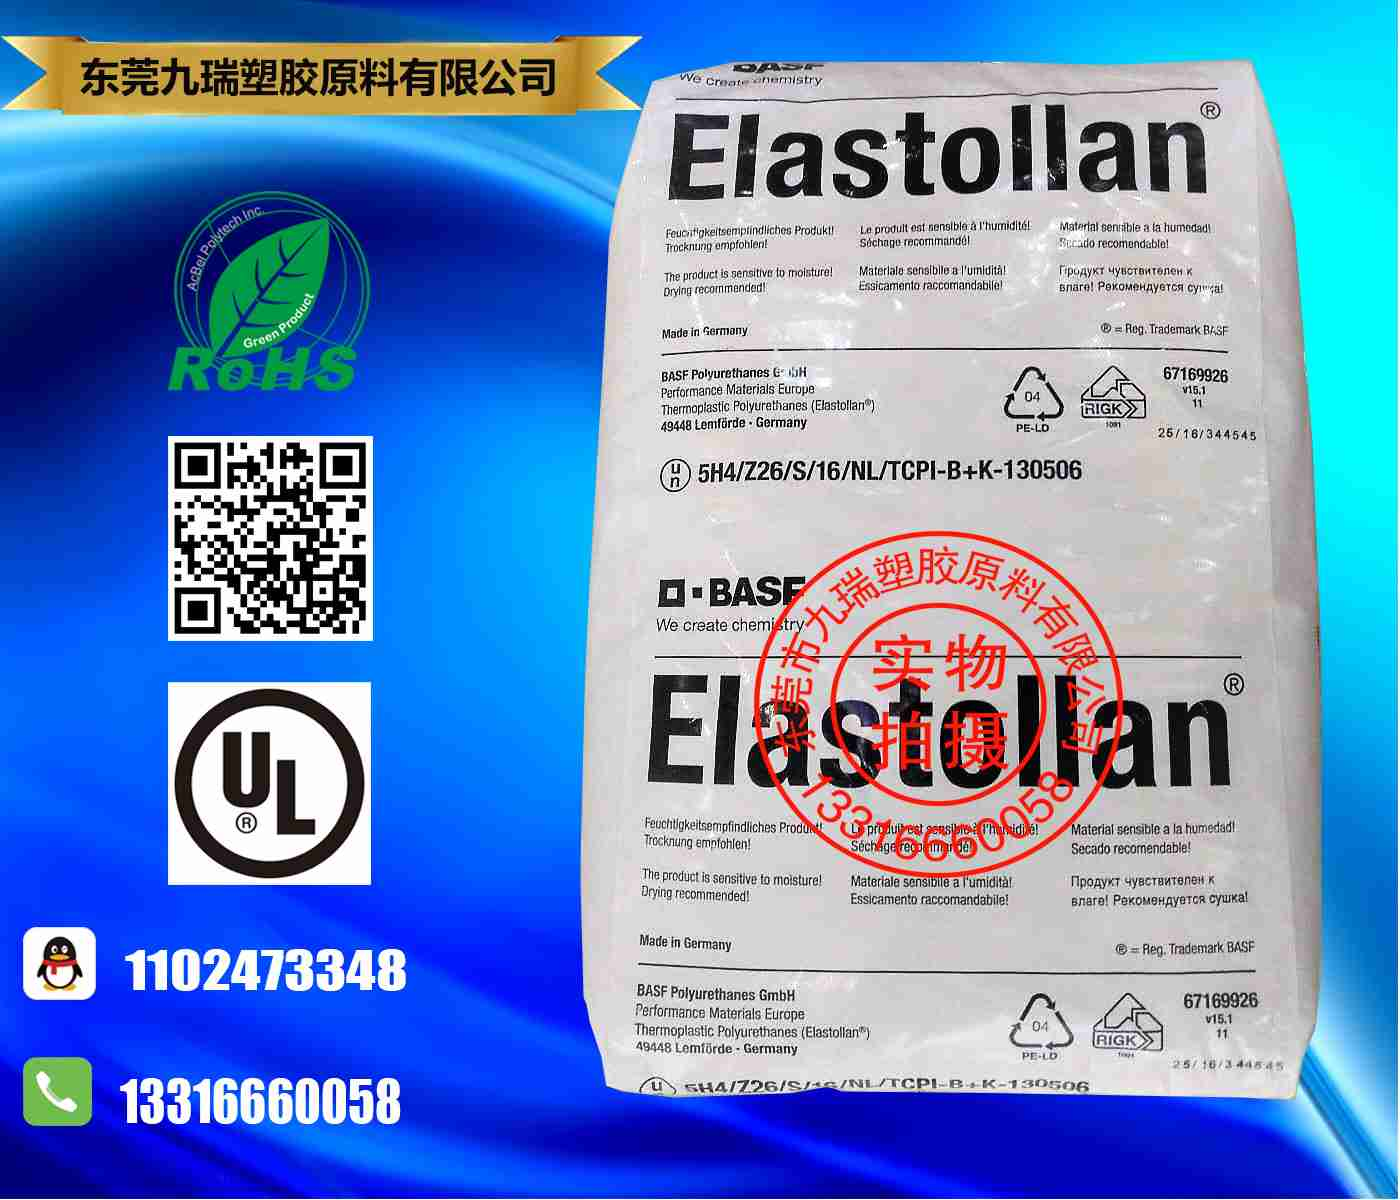 巴斯夫7毫米透明度薄膜级TPU L790A10脂肪族聚氨酯